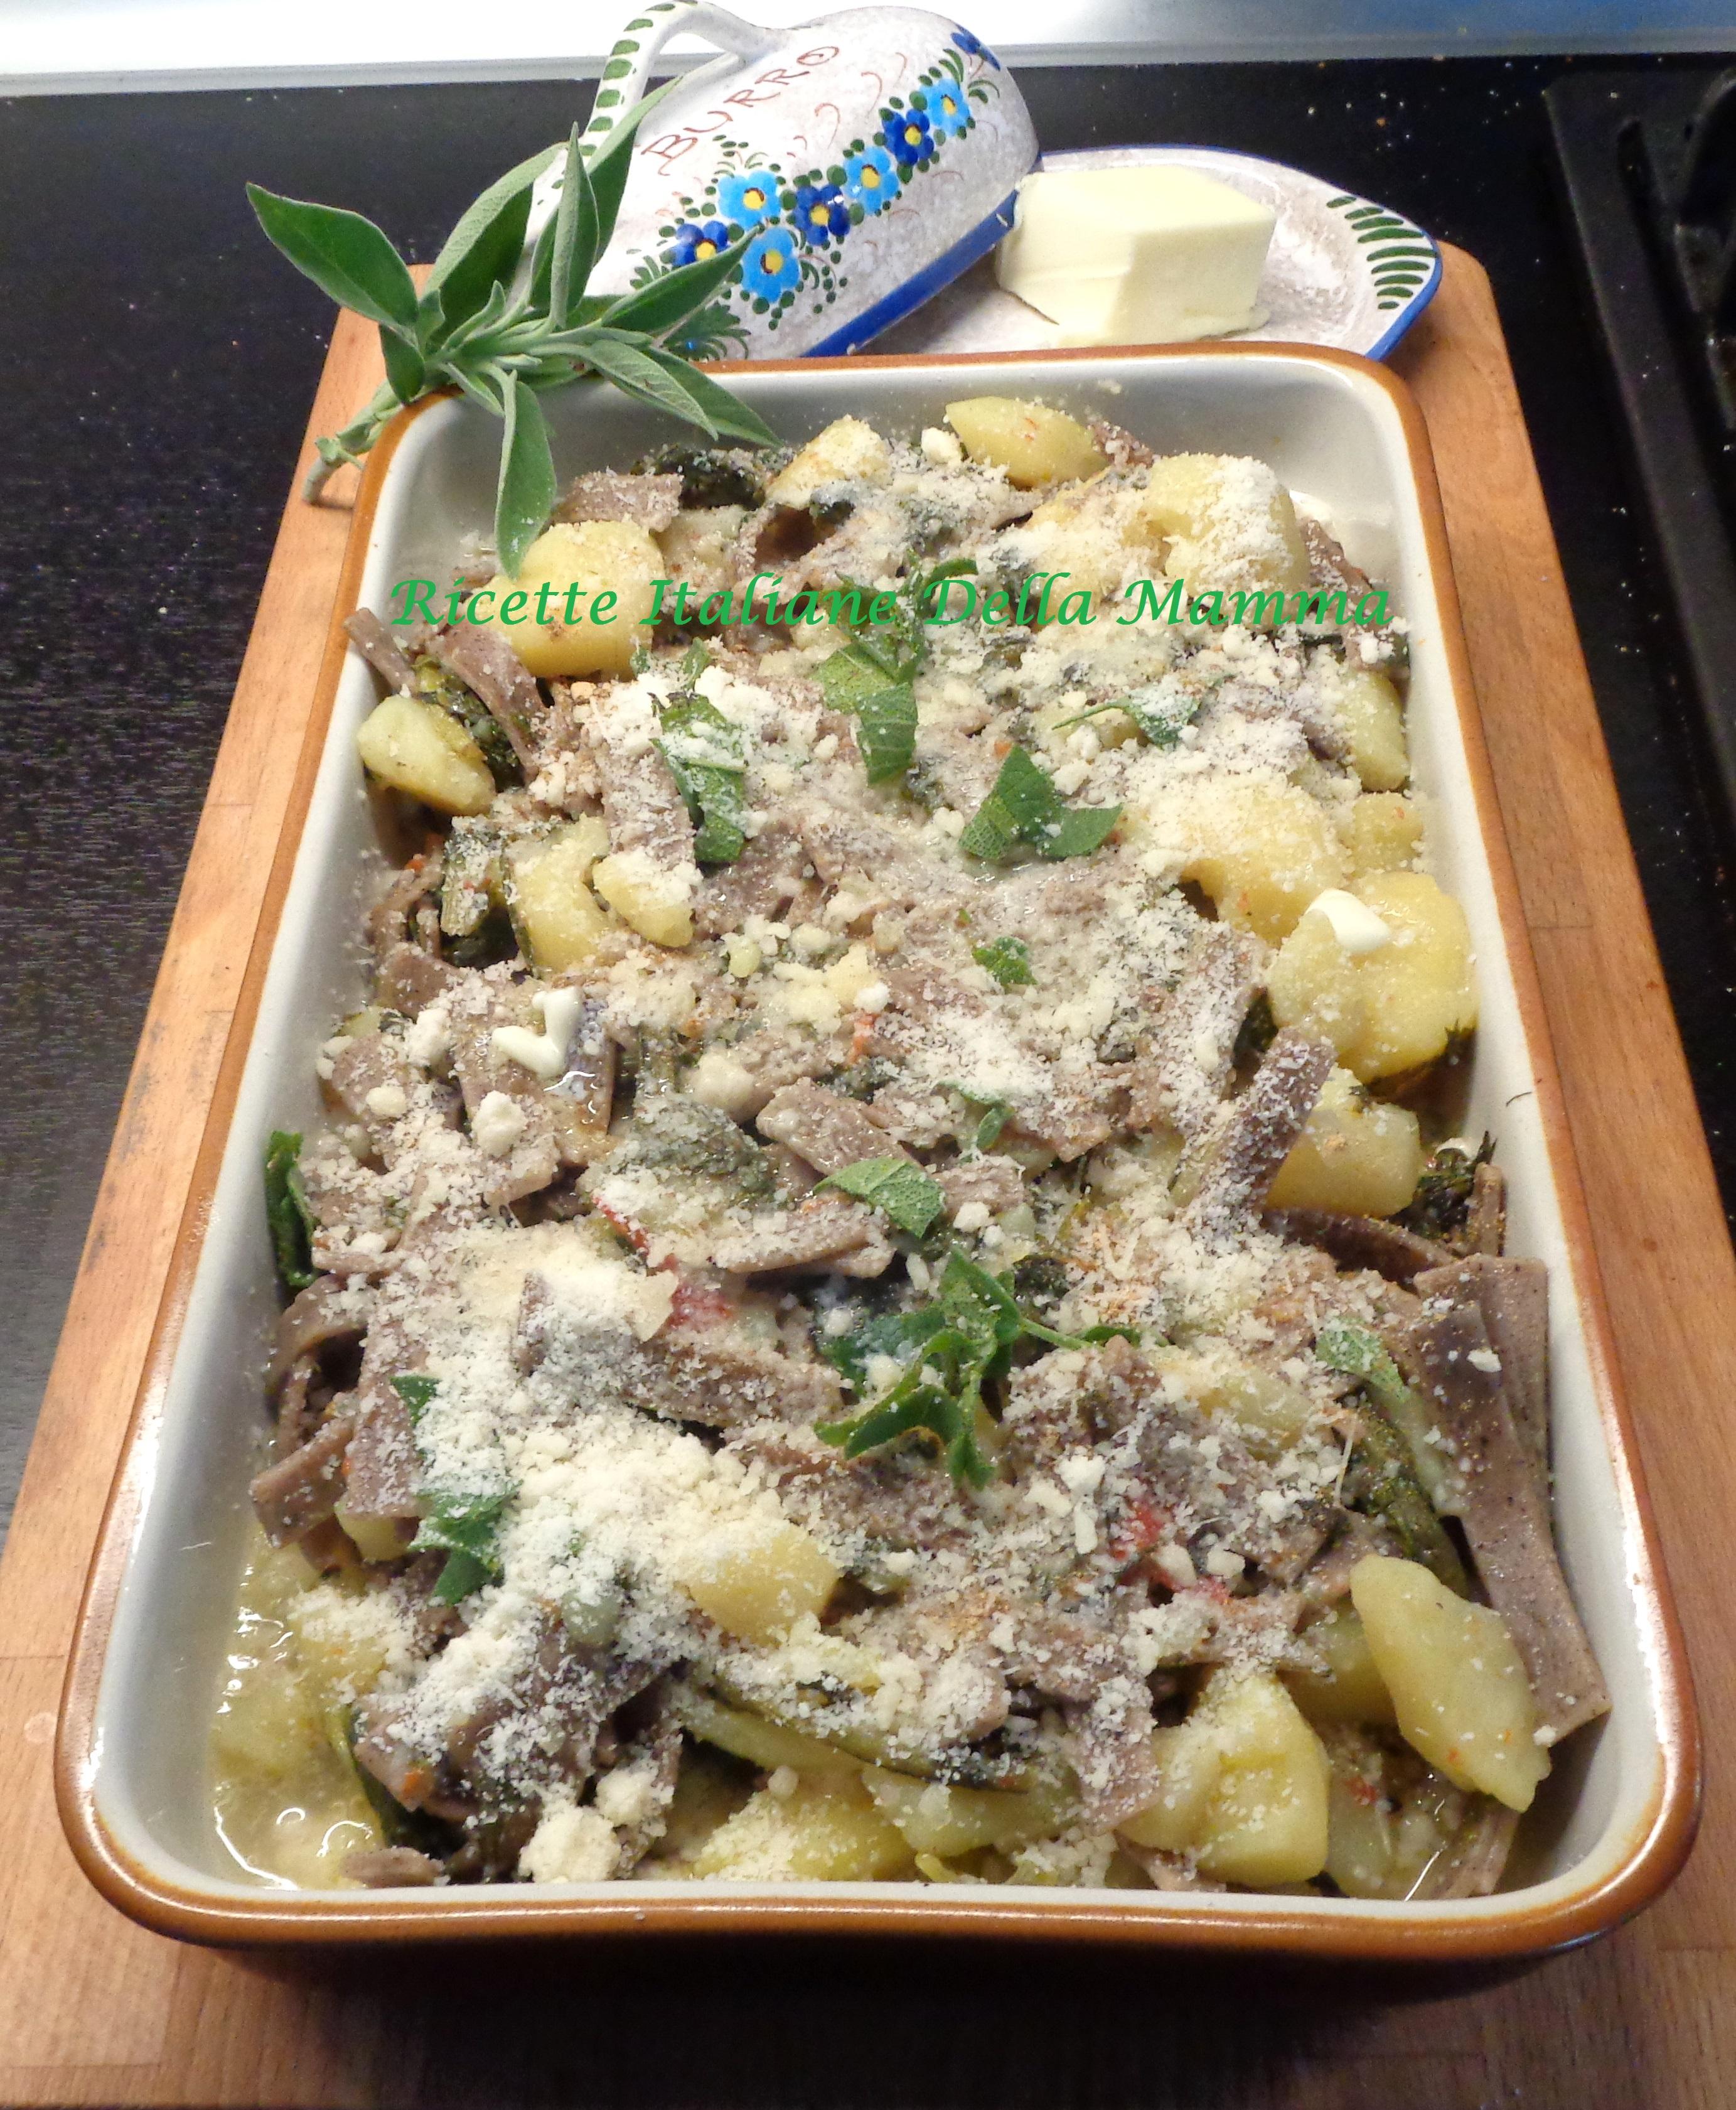 Pizzoccheri bietole e patate